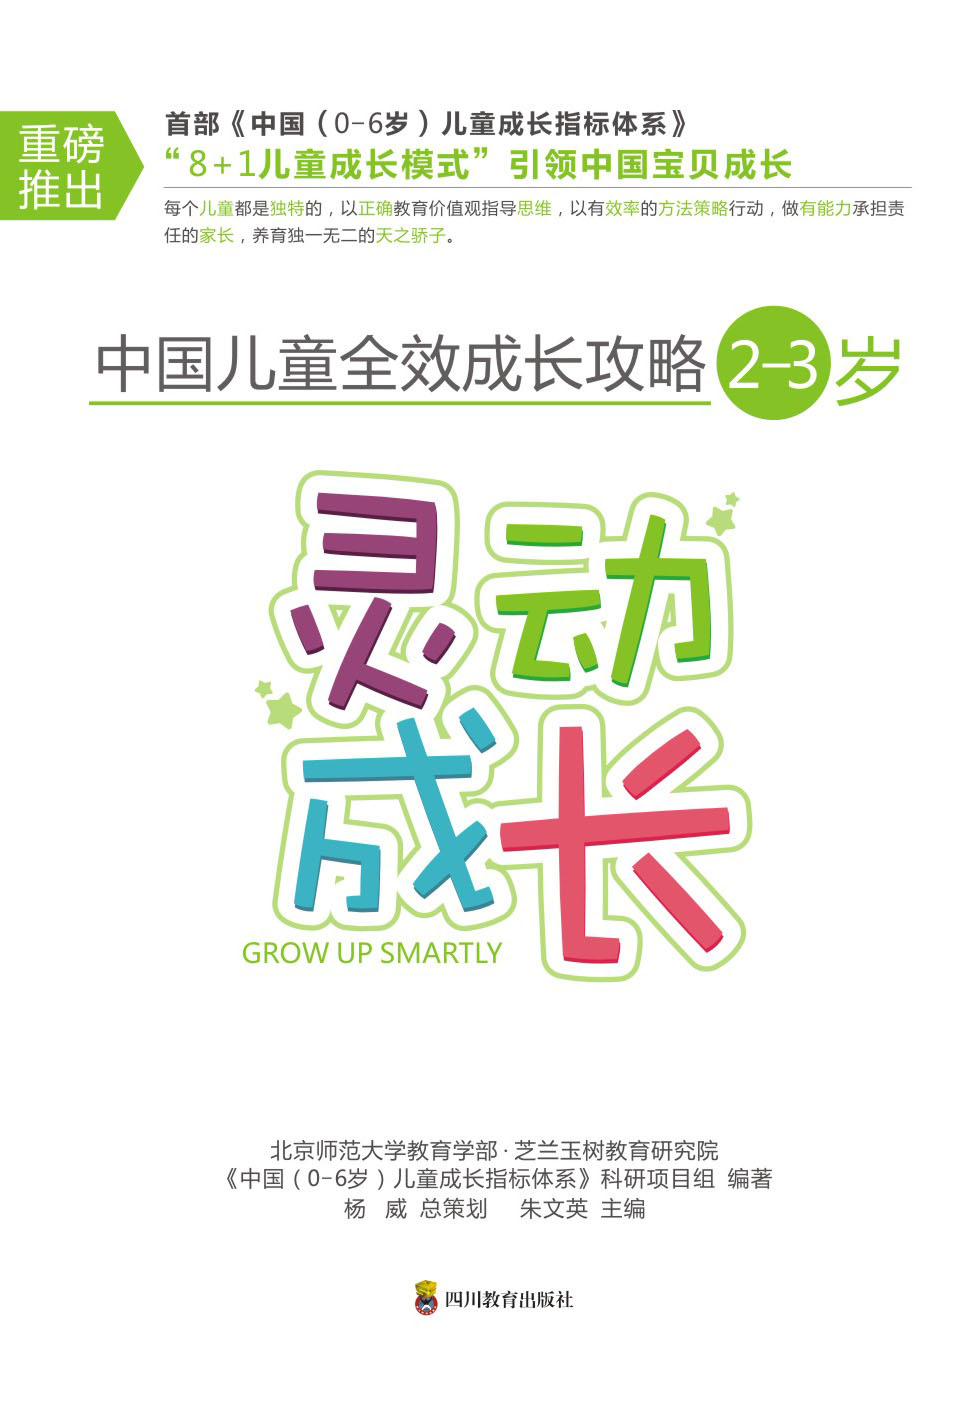 中国儿童全效成长攻略·(2-3岁)灵动成长